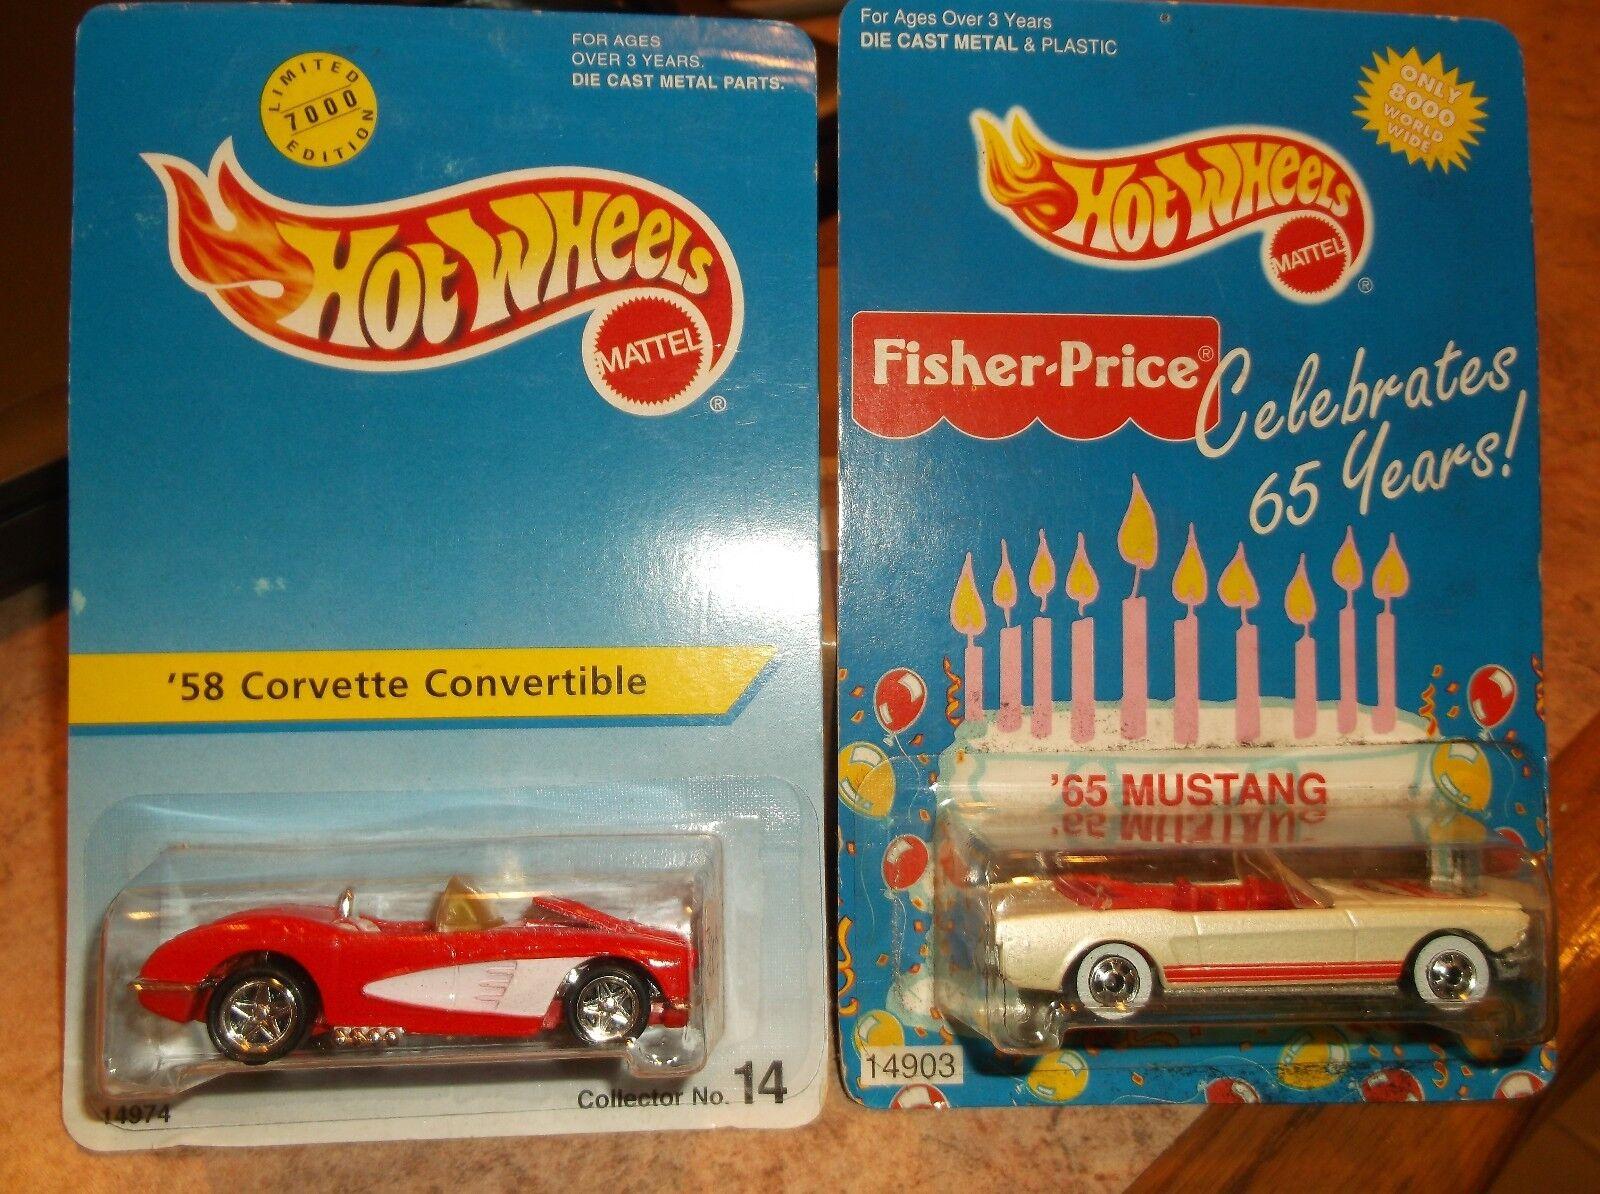 Hot Wheels Limited édition spéciale lot de 2, 58 corvettte & Mustang 65